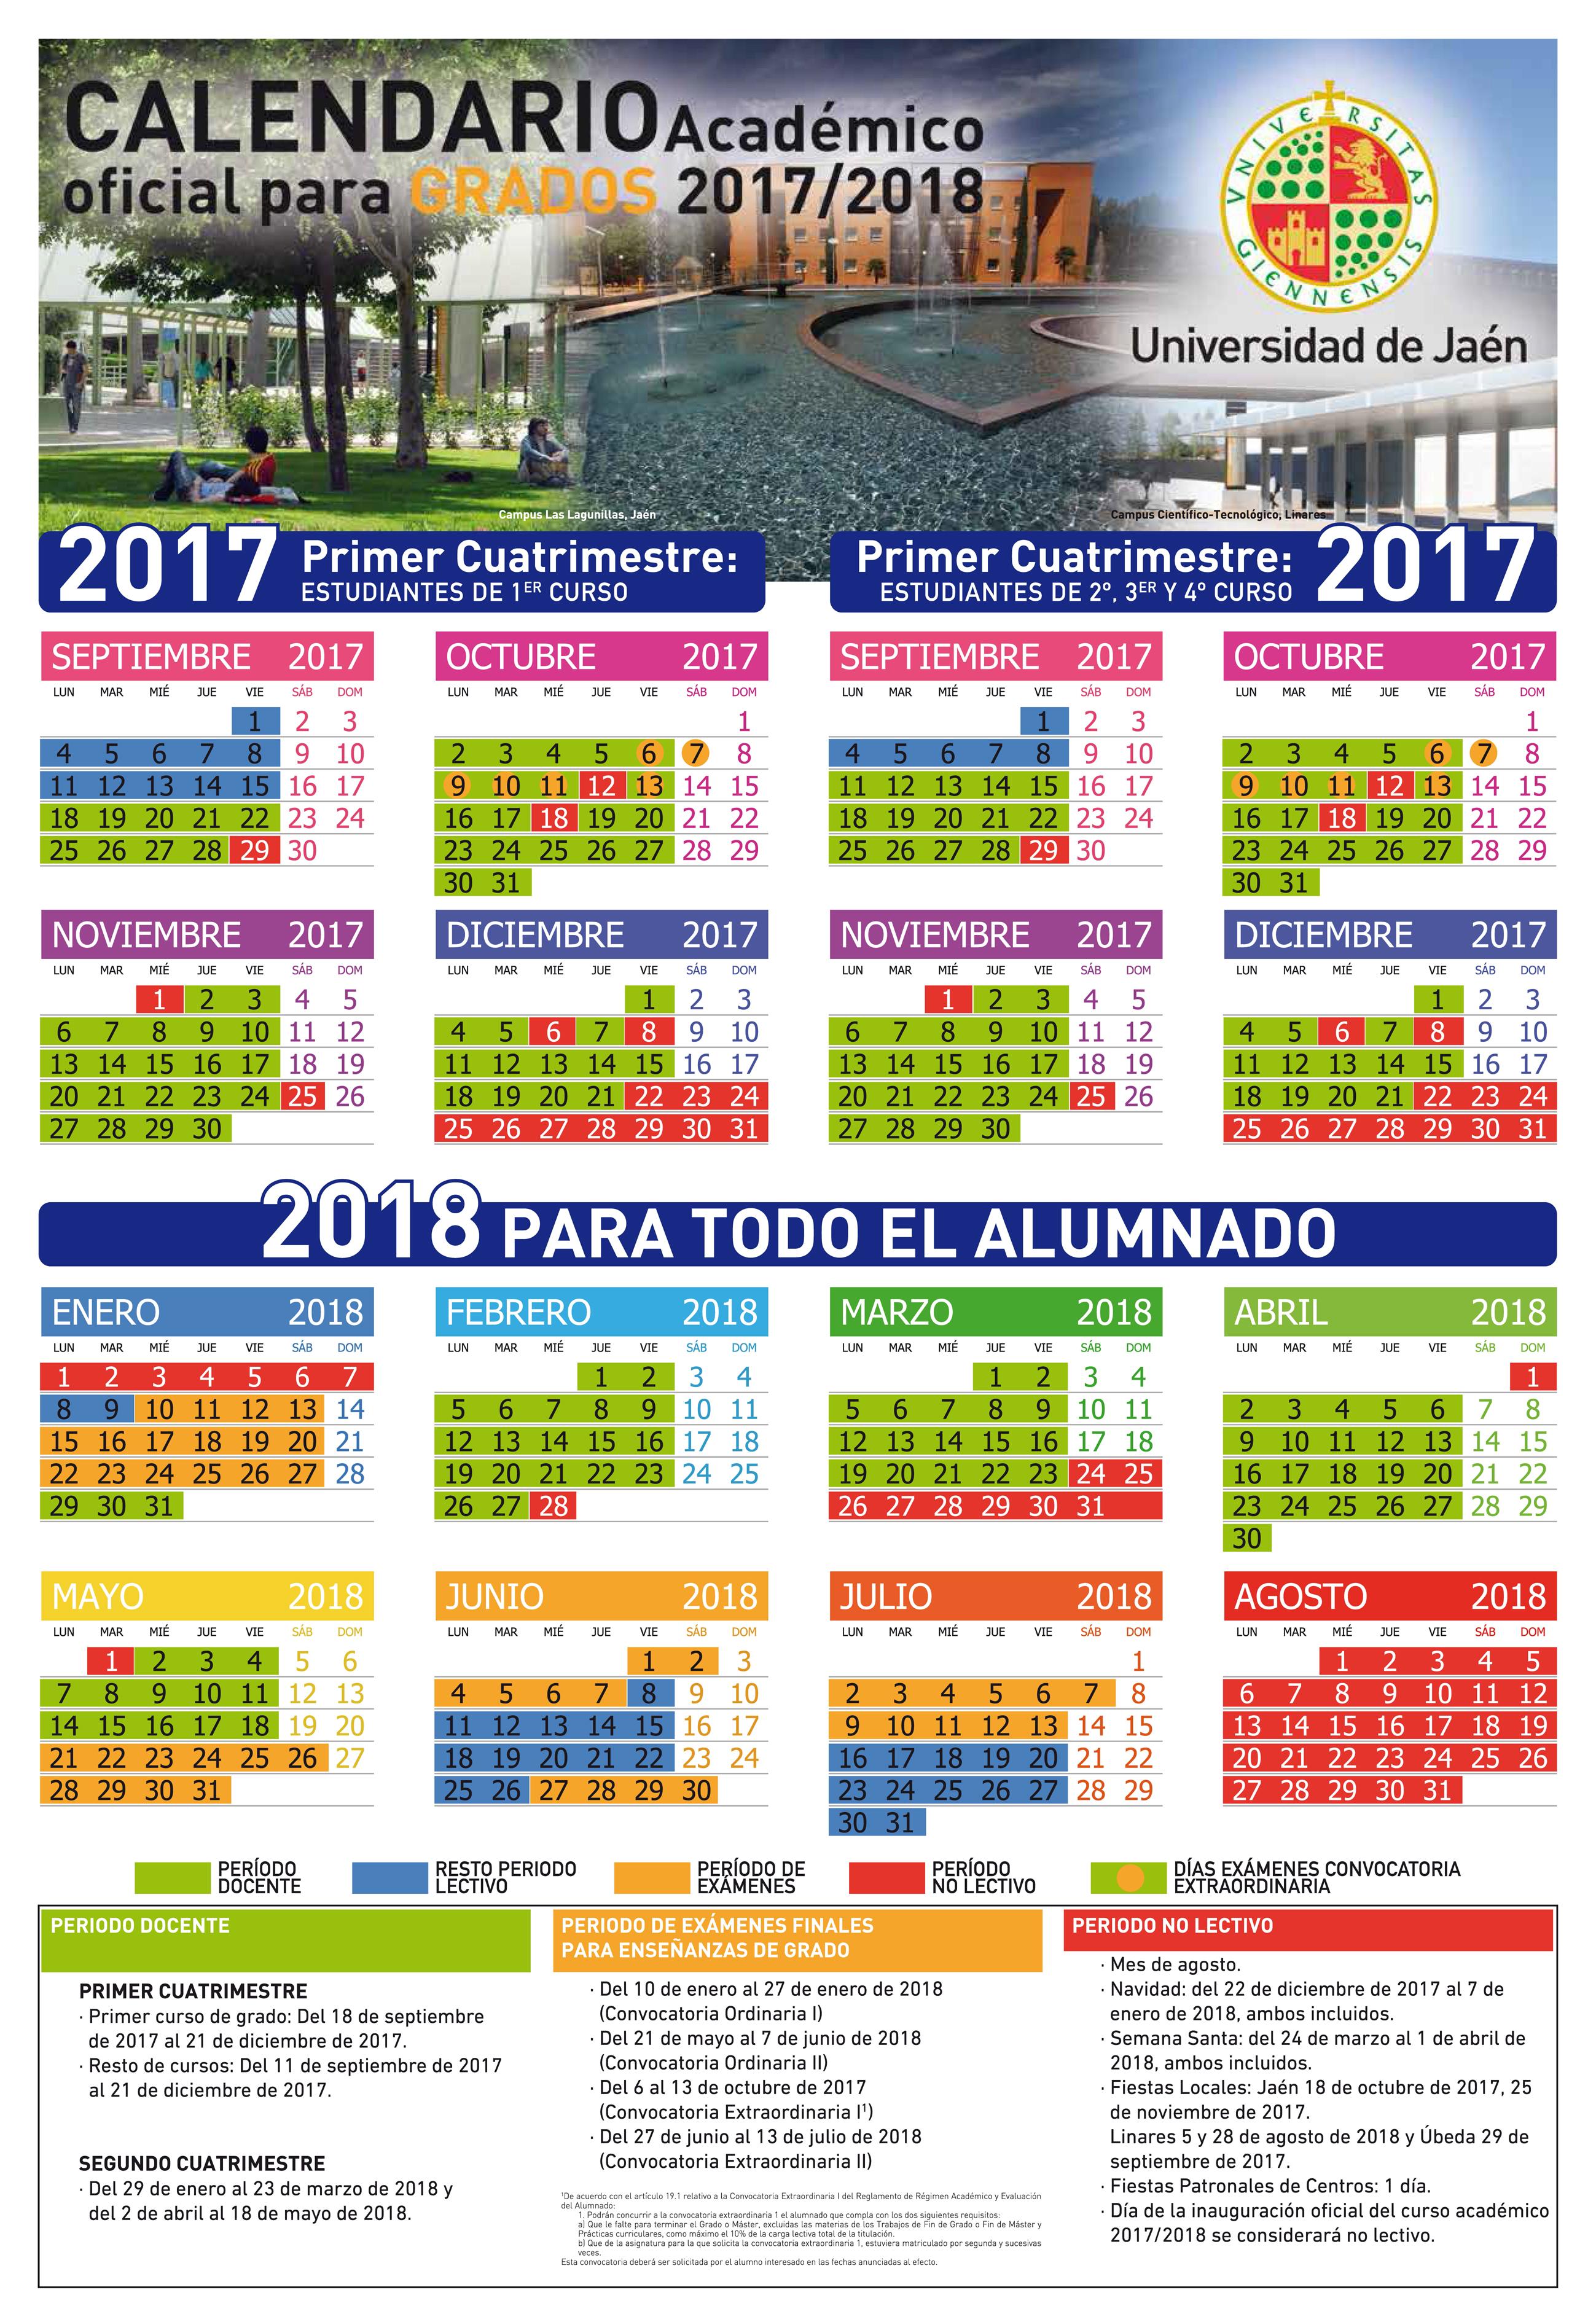 Calendario Ujaen.Calendario Academico De Grados 2017 2018 Vicerrectorado De